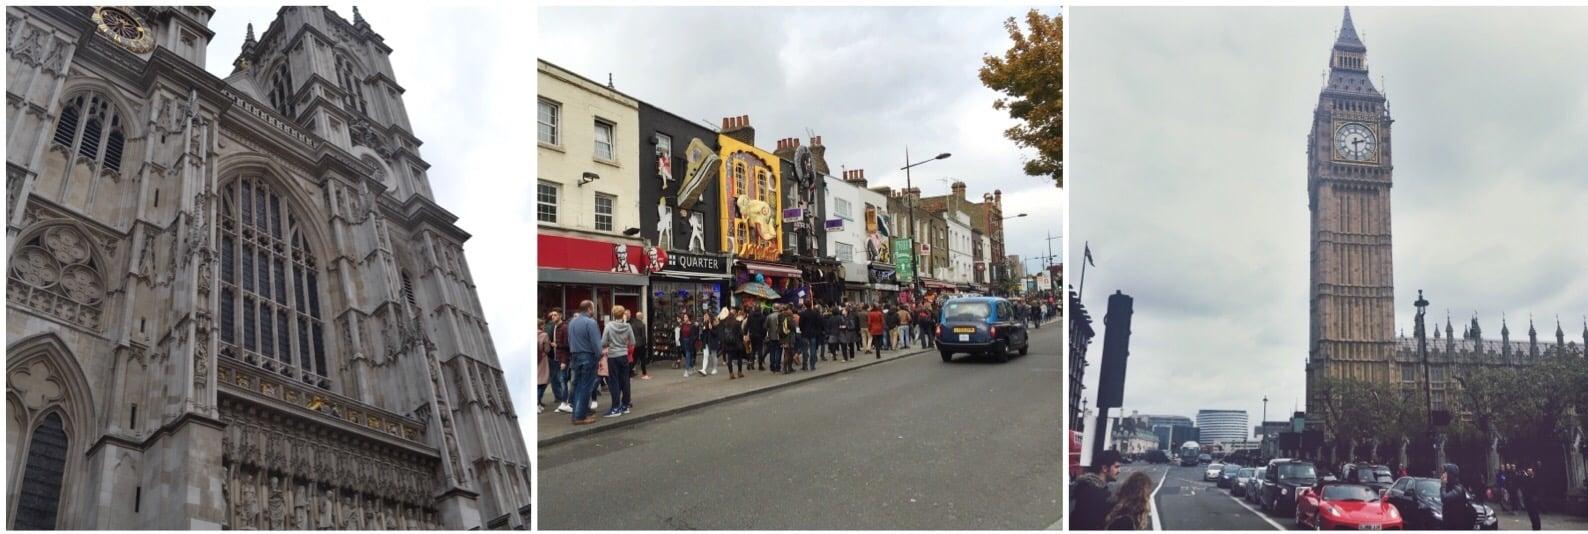 48 hours: Londen